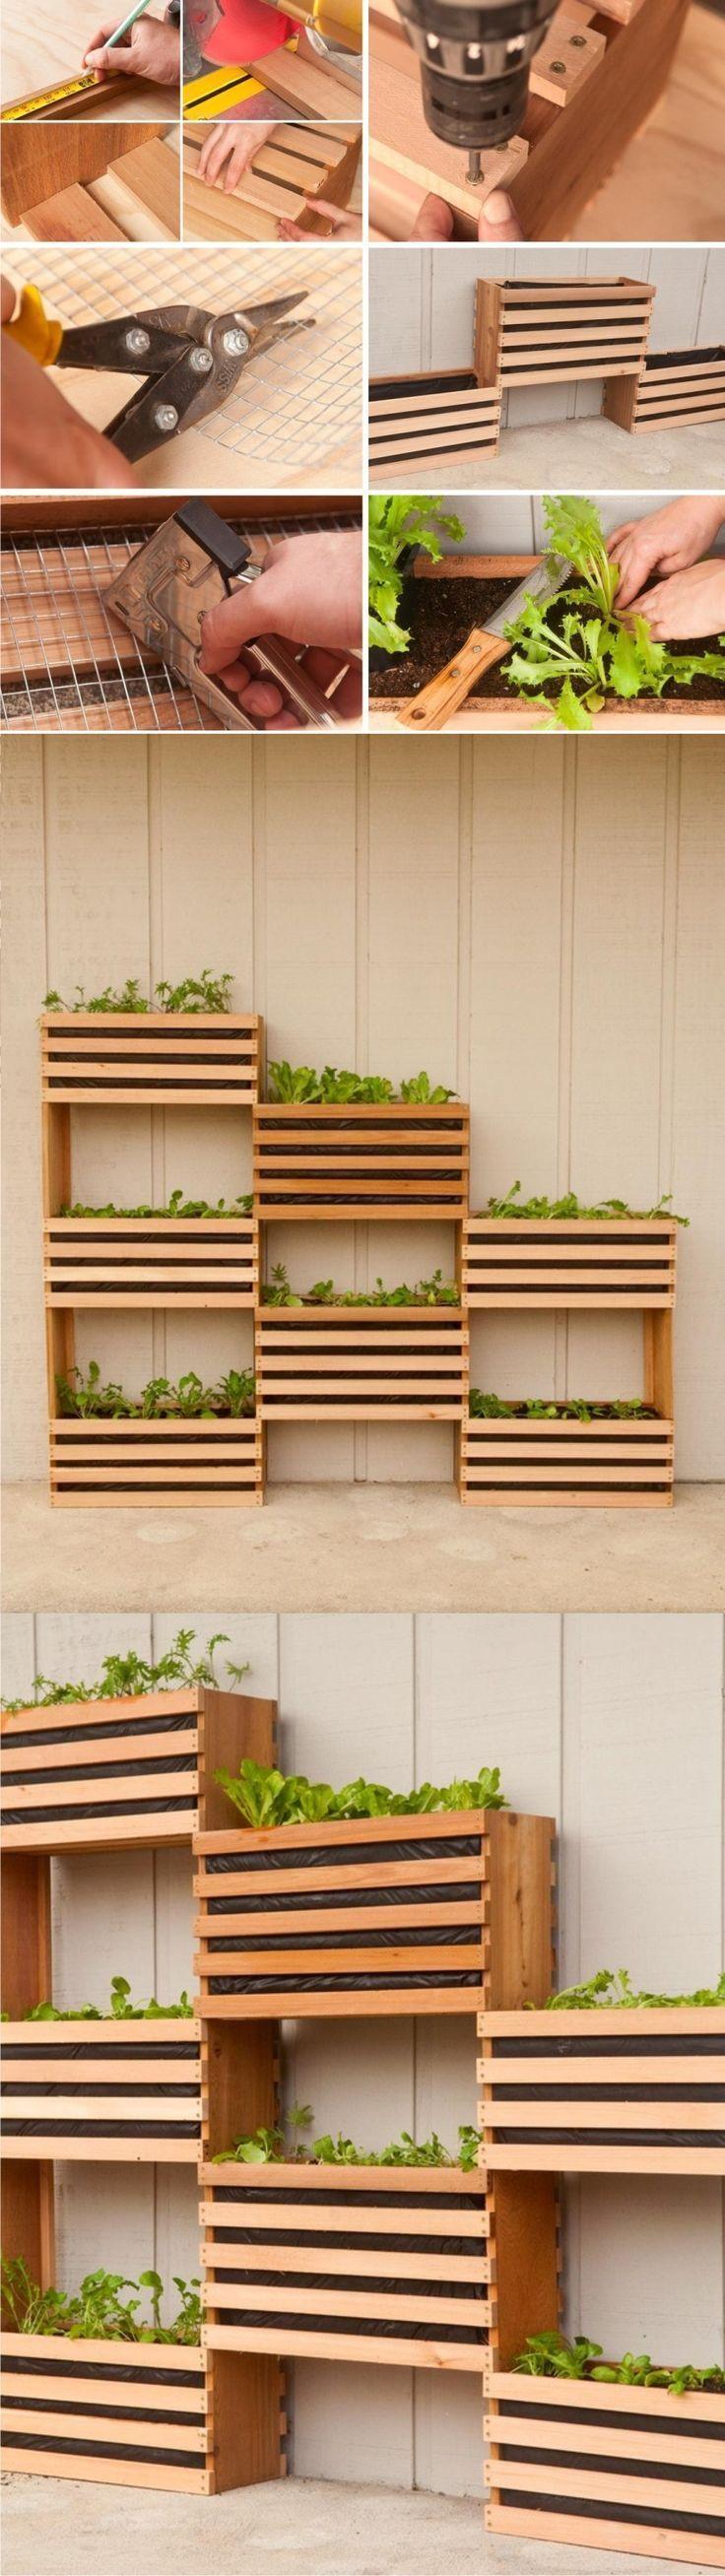 How to: Make a Modern, Space-Saving Vertical Vegetable Garden | DIY ...